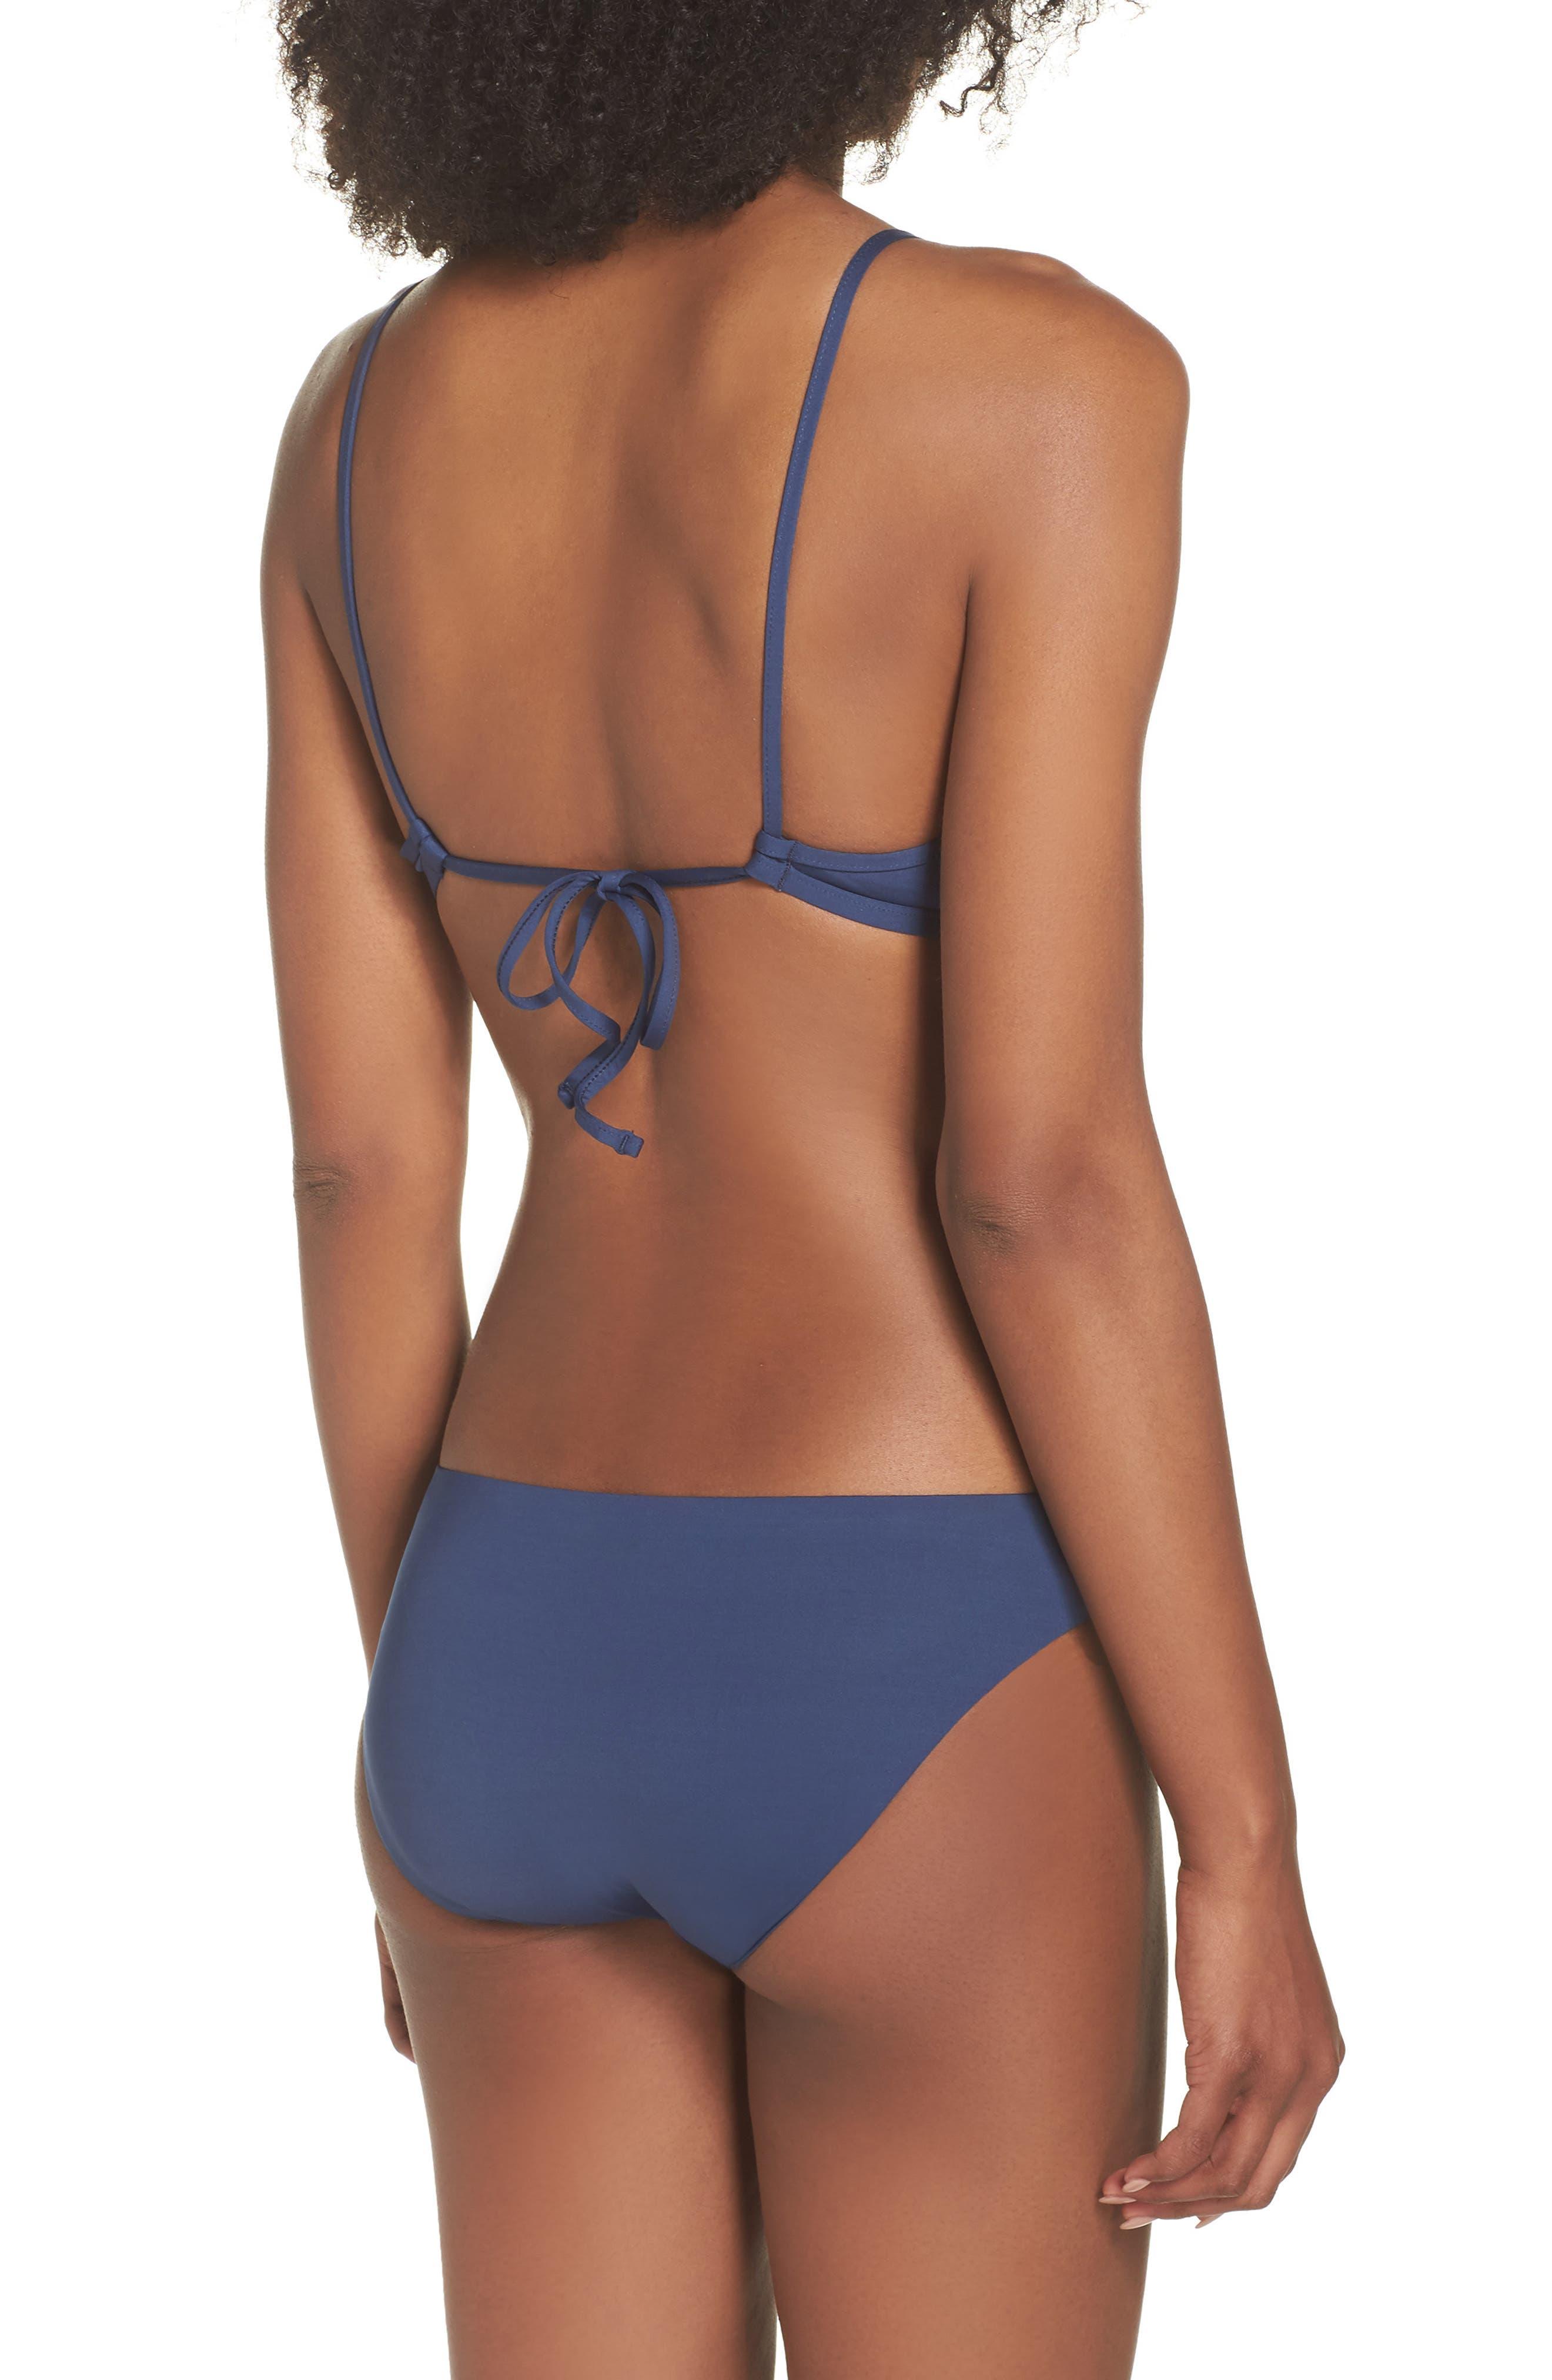 Kupala Bikini Top,                             Alternate thumbnail 8, color,                             STONE BLUE